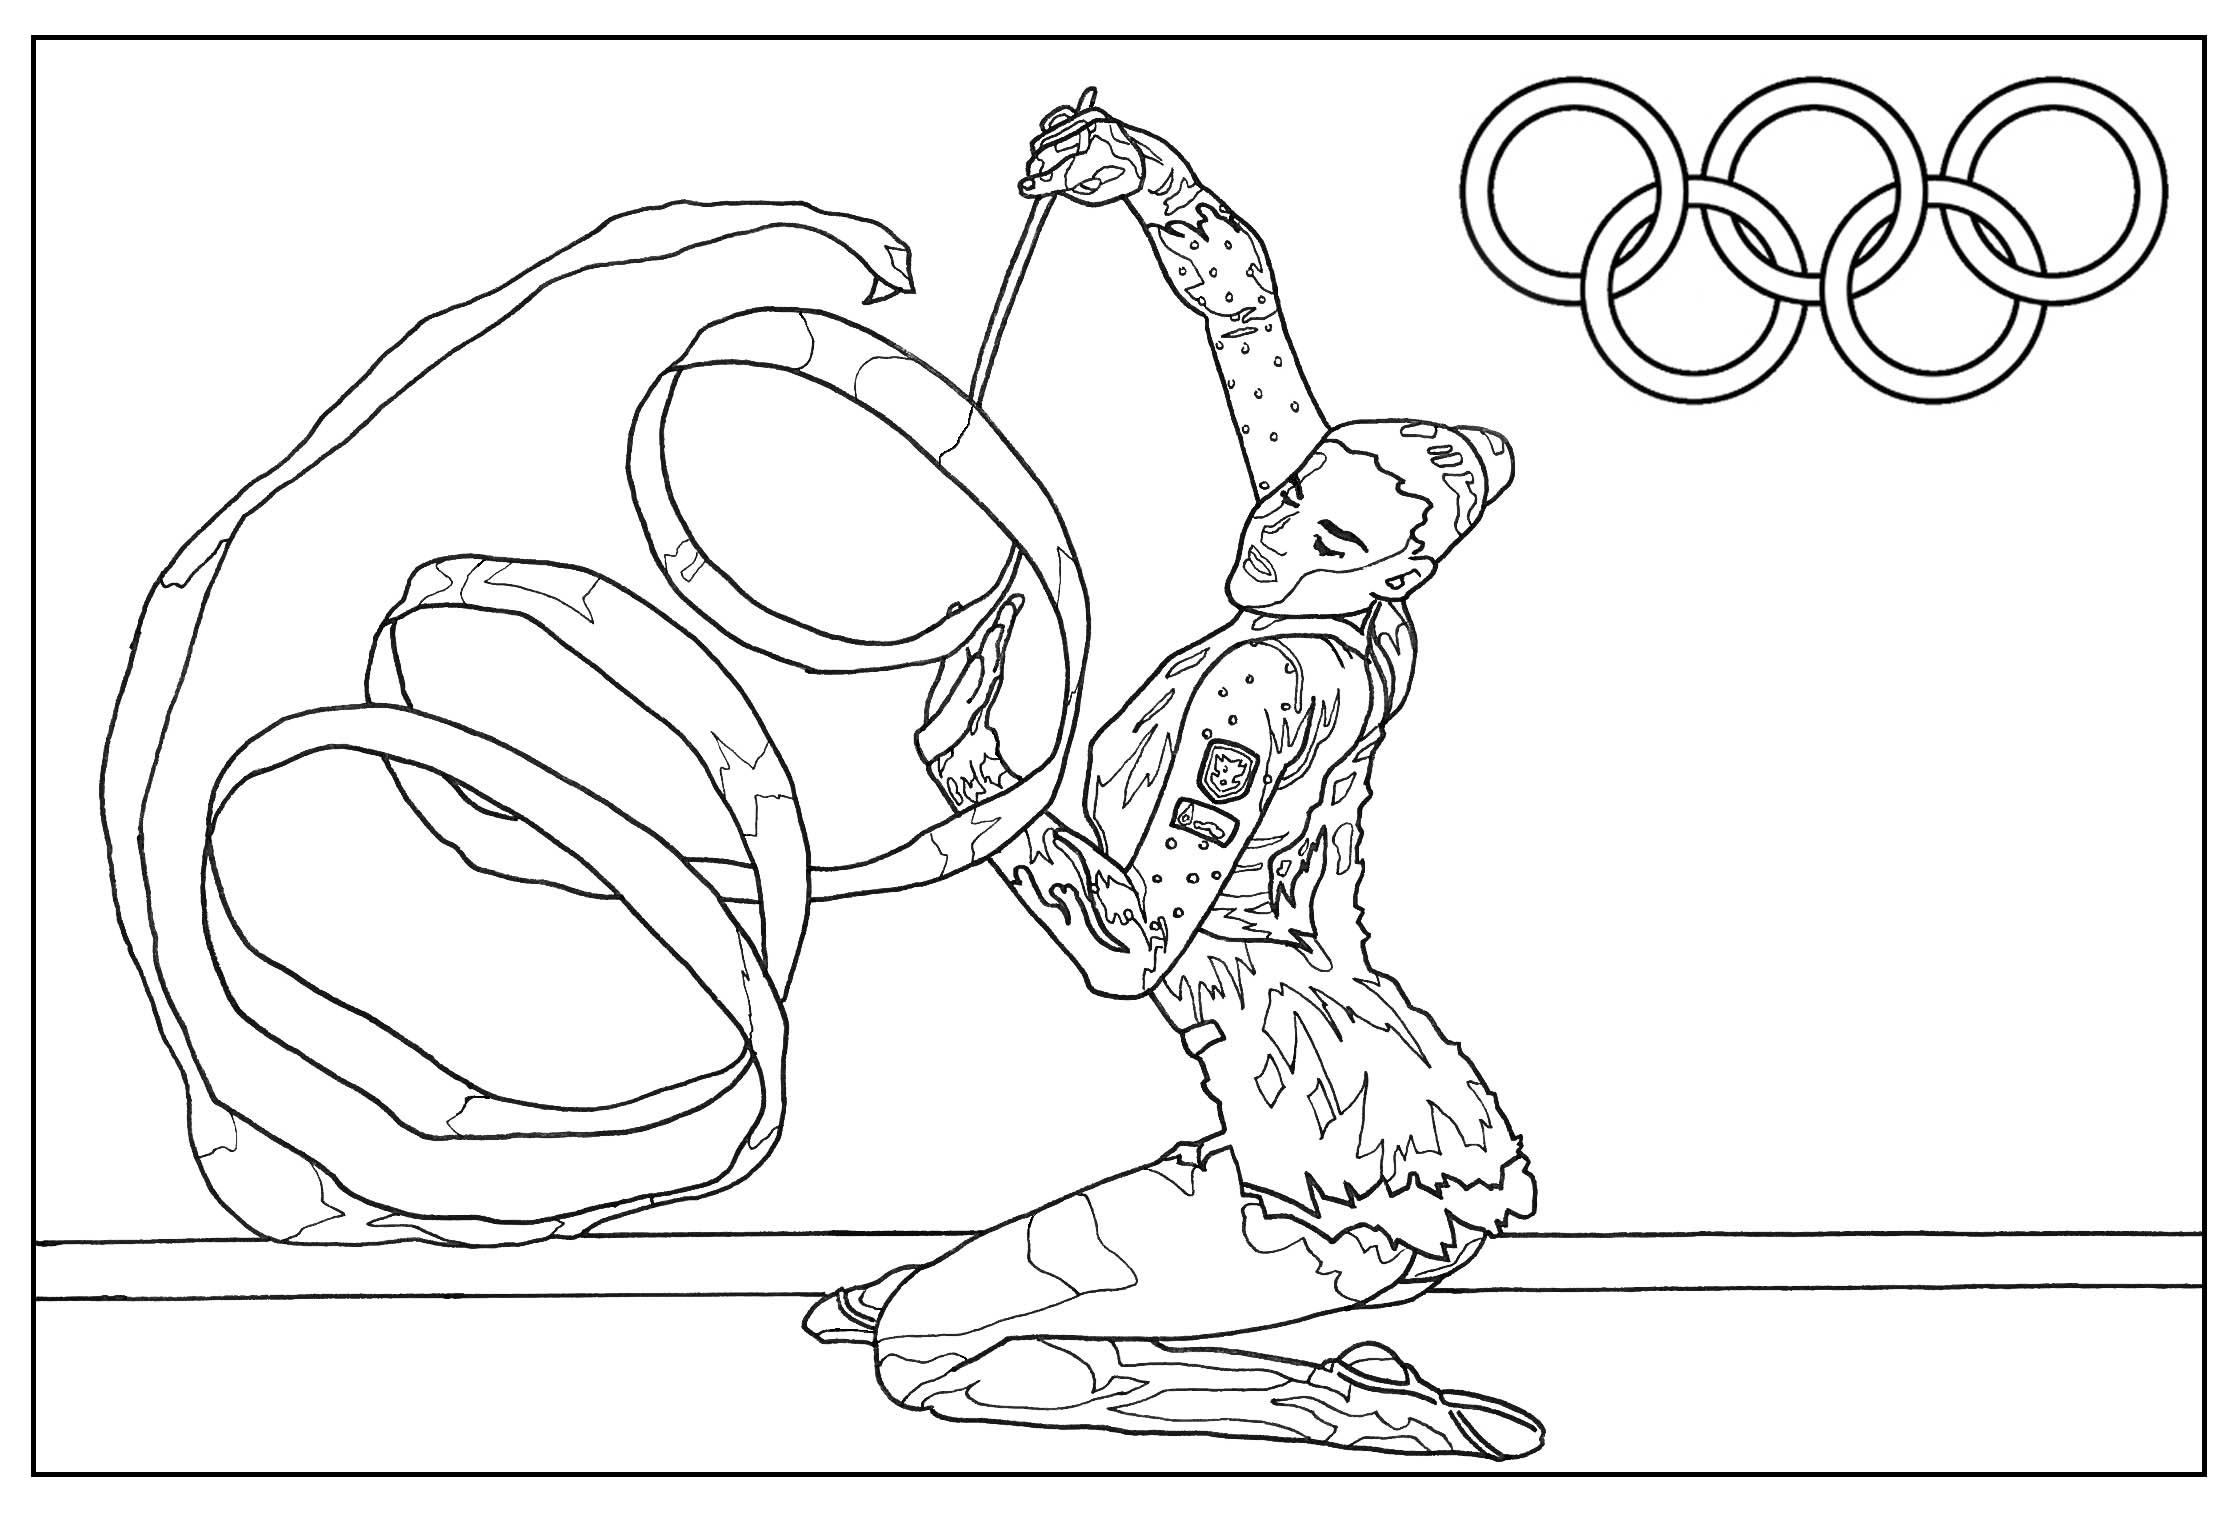 Coloriage Jeux Olympiques : Gymnastique rythmique. Par Sofian